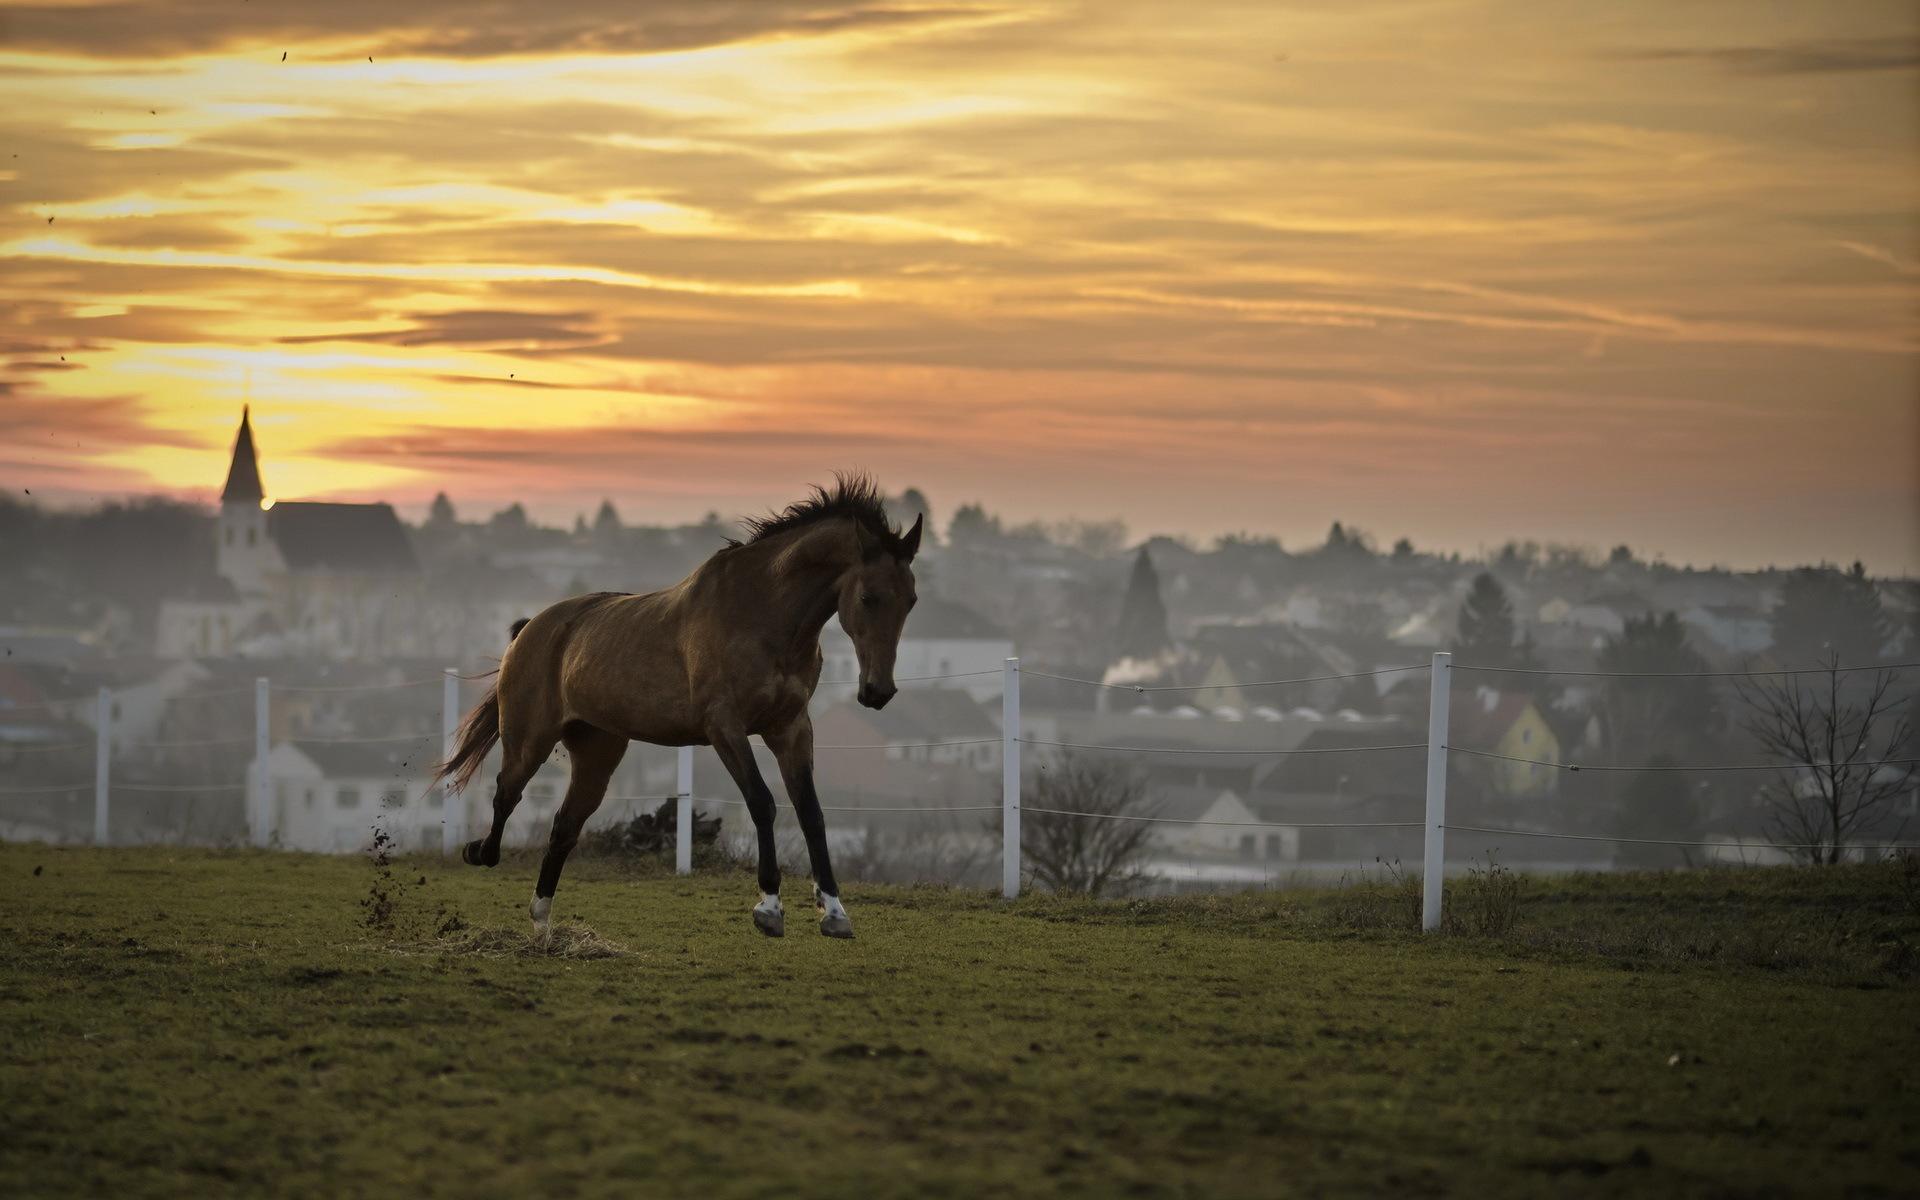 лошадь, трава, закат  № 2659 загрузить